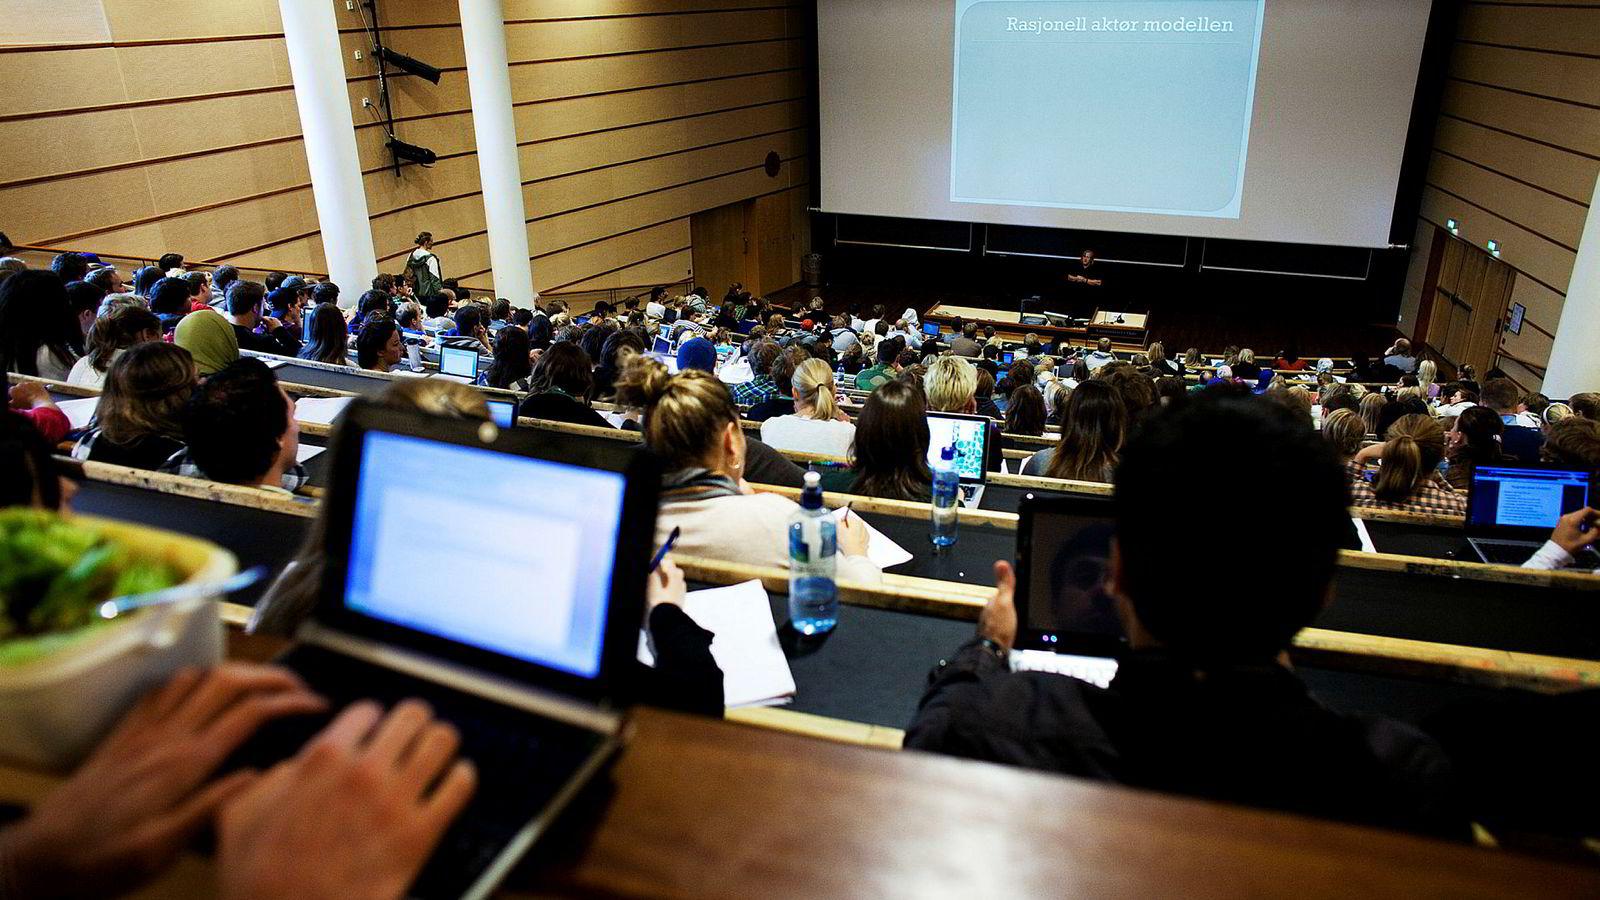 Jeg er grunnleggende uenig i NHH-professor Christine B. Meyers antydning om at det ikke er behov for forskningsbasert undervisning i profesjonsstudier, skriver artikkelforfatteren.